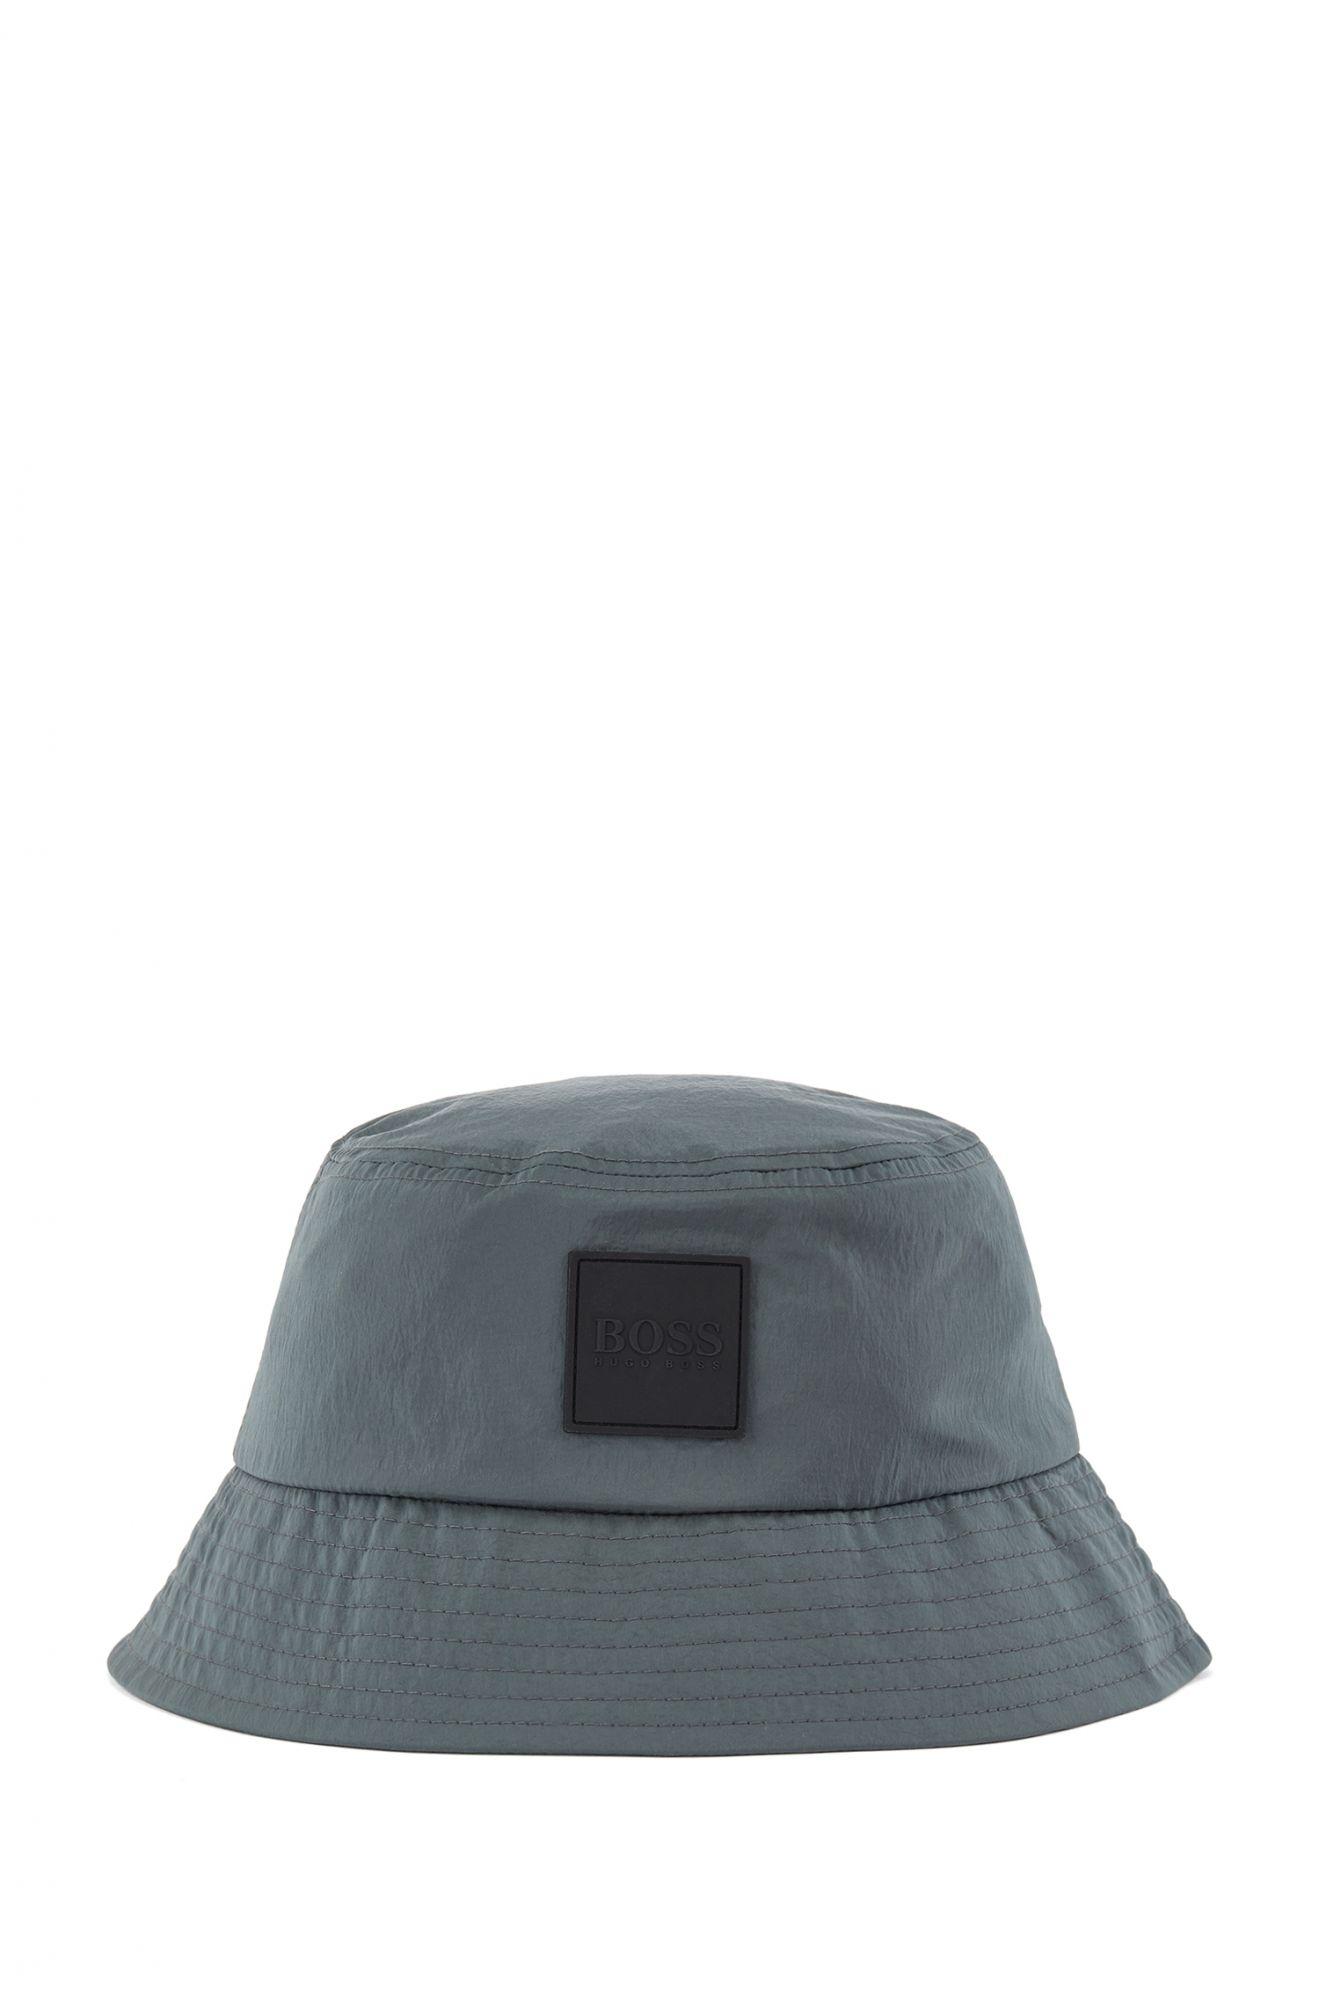 BOSS 深墨綠皺棉漁夫帽